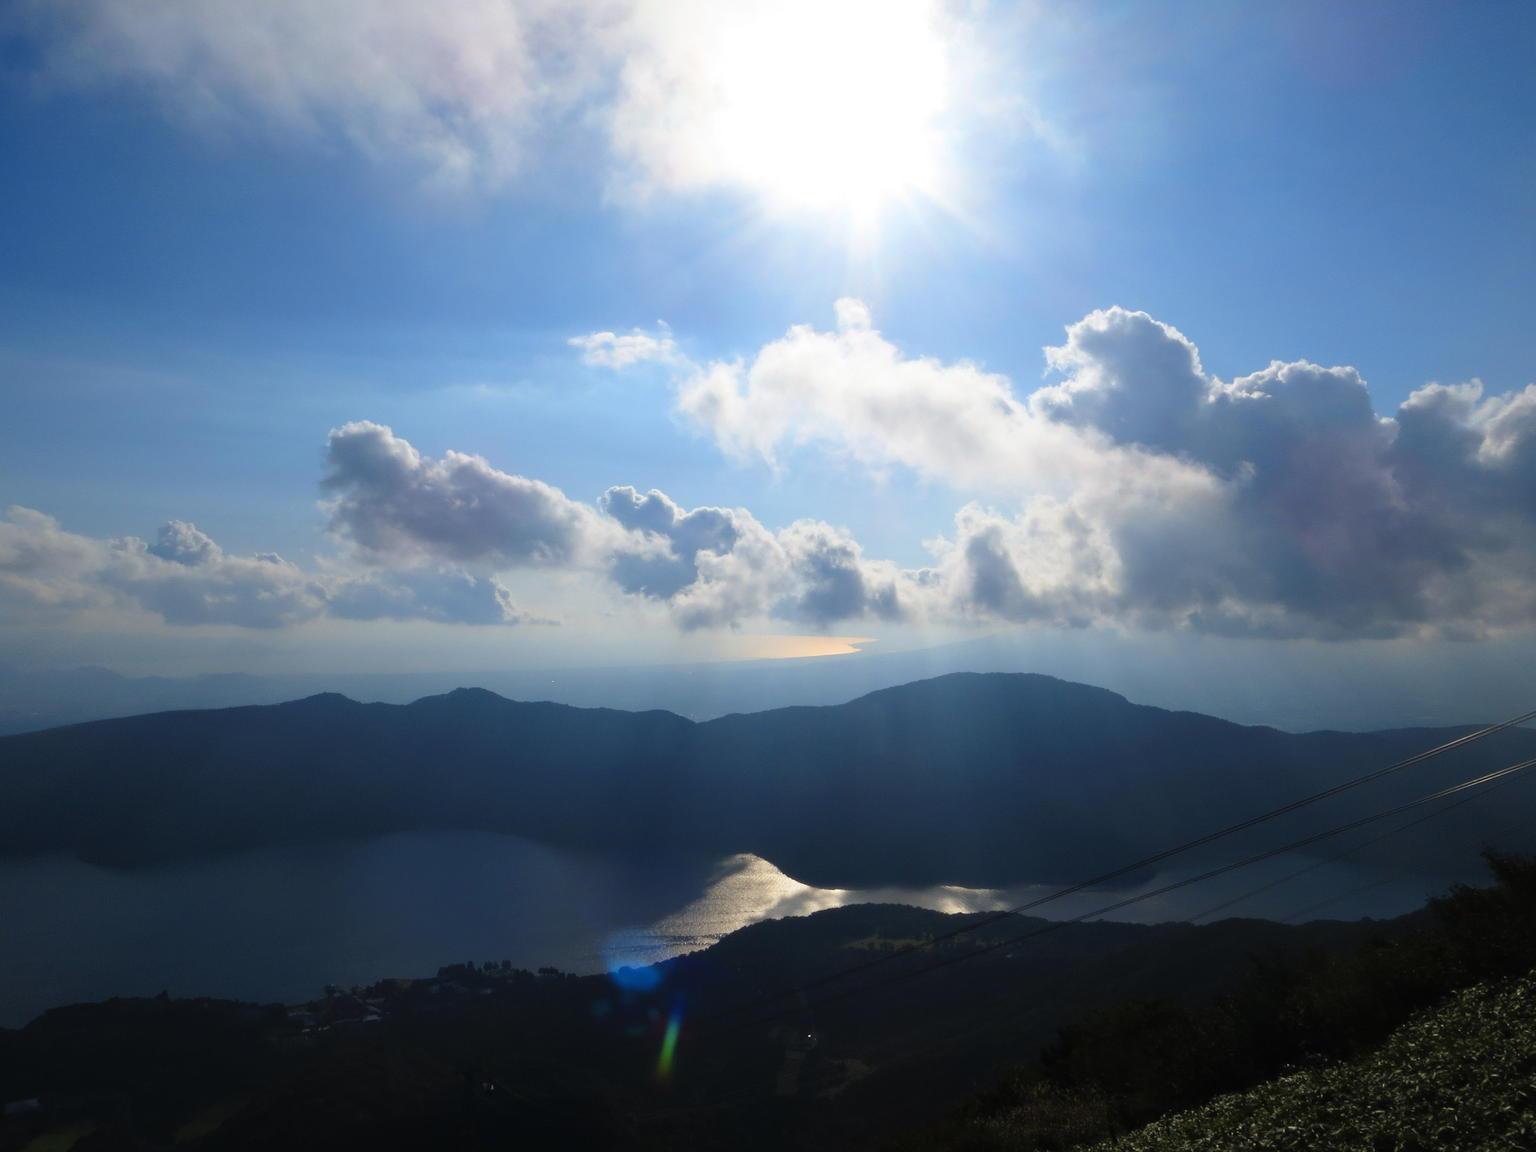 MAIS FOTOS, Viagem de 1 dia de ônibus pelo Monte Fuji, Hakone, Cruzeiro pelo Lago Ashi saindo de Tóquio